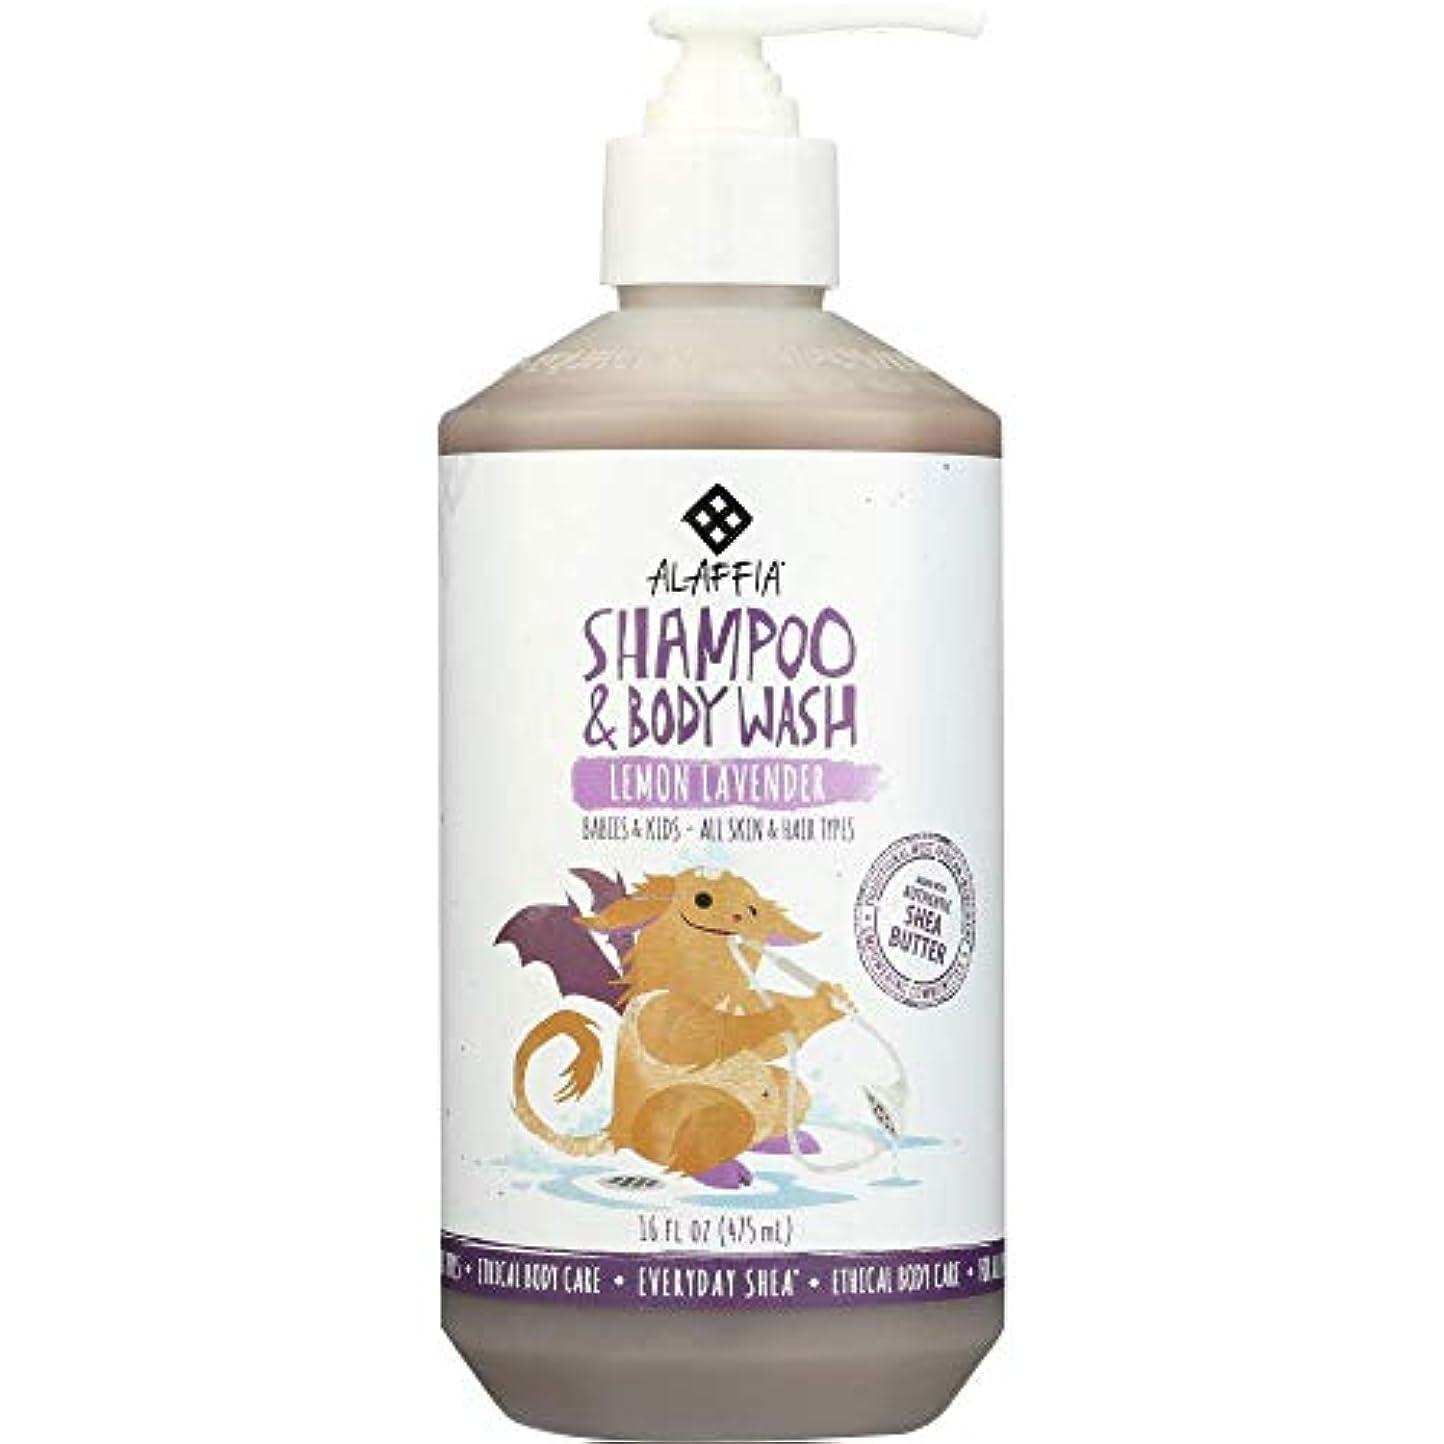 アグネスグレイ転倒受け皿Alaffia Everyday Shea Shampoo & Body Wash for Babies and Up Lemon Lavender 16 oz Size: 16 oz CustomerPackageType: Standard Packaging, Model: C580, Baby & Child Shop by Baby & Child Shop